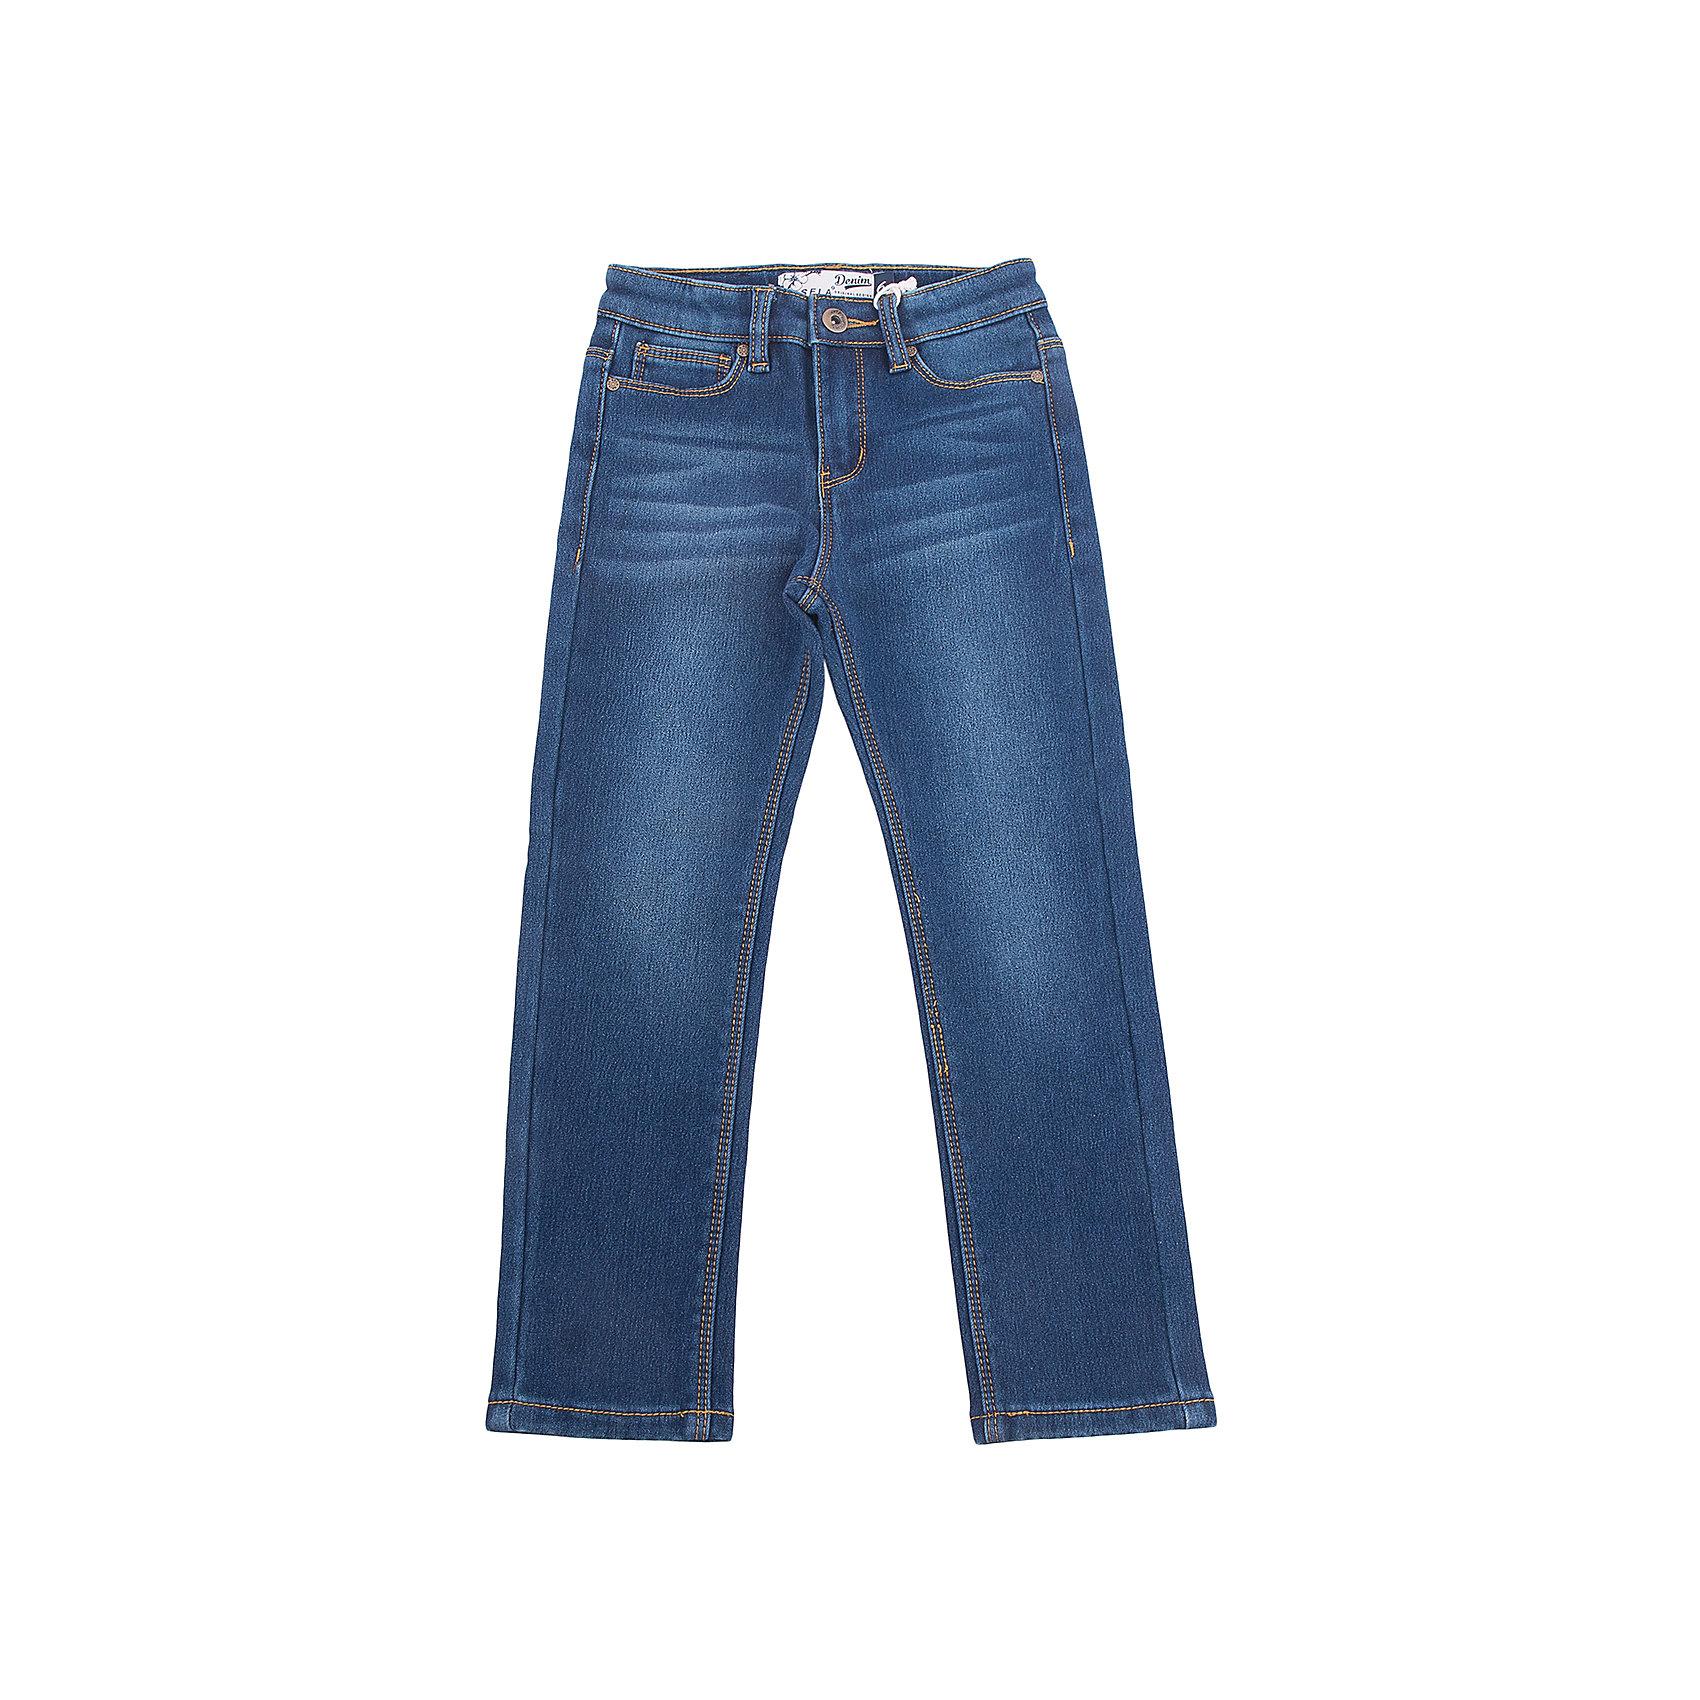 Джинсы для девочки SELAДжинсы<br>Классические джинсы - незаменимая вещь в детском гардеробе. Эта модель отлично сидит на ребенке, она сшита из плотного материала, натуральный хлопок не вызывает аллергии и обеспечивает ребенку комфорт. Модель станет отличной базовой вещью, которая будет уместна в различных сочетаниях.<br>Одежда от бренда Sela (Села) - это качество по приемлемым ценам. Многие российские родители уже оценили преимущества продукции этой компании и всё чаще приобретают одежду и аксессуары Sela.<br><br>Дополнительная информация:<br><br>цвет: синий;<br>материал: 65% хлопок, 33% ПЭ, 2% эластан; подкладка:100% ПЭ;<br>плотный материал;<br>классический силуэт.<br><br>Джинсы для девочки от бренда Sela можно купить в нашем интернет-магазине.<br><br>Ширина мм: 215<br>Глубина мм: 88<br>Высота мм: 191<br>Вес г: 336<br>Цвет: синий<br>Возраст от месяцев: 132<br>Возраст до месяцев: 144<br>Пол: Женский<br>Возраст: Детский<br>Размер: 152,116,122,128,134,140,146<br>SKU: 5008057